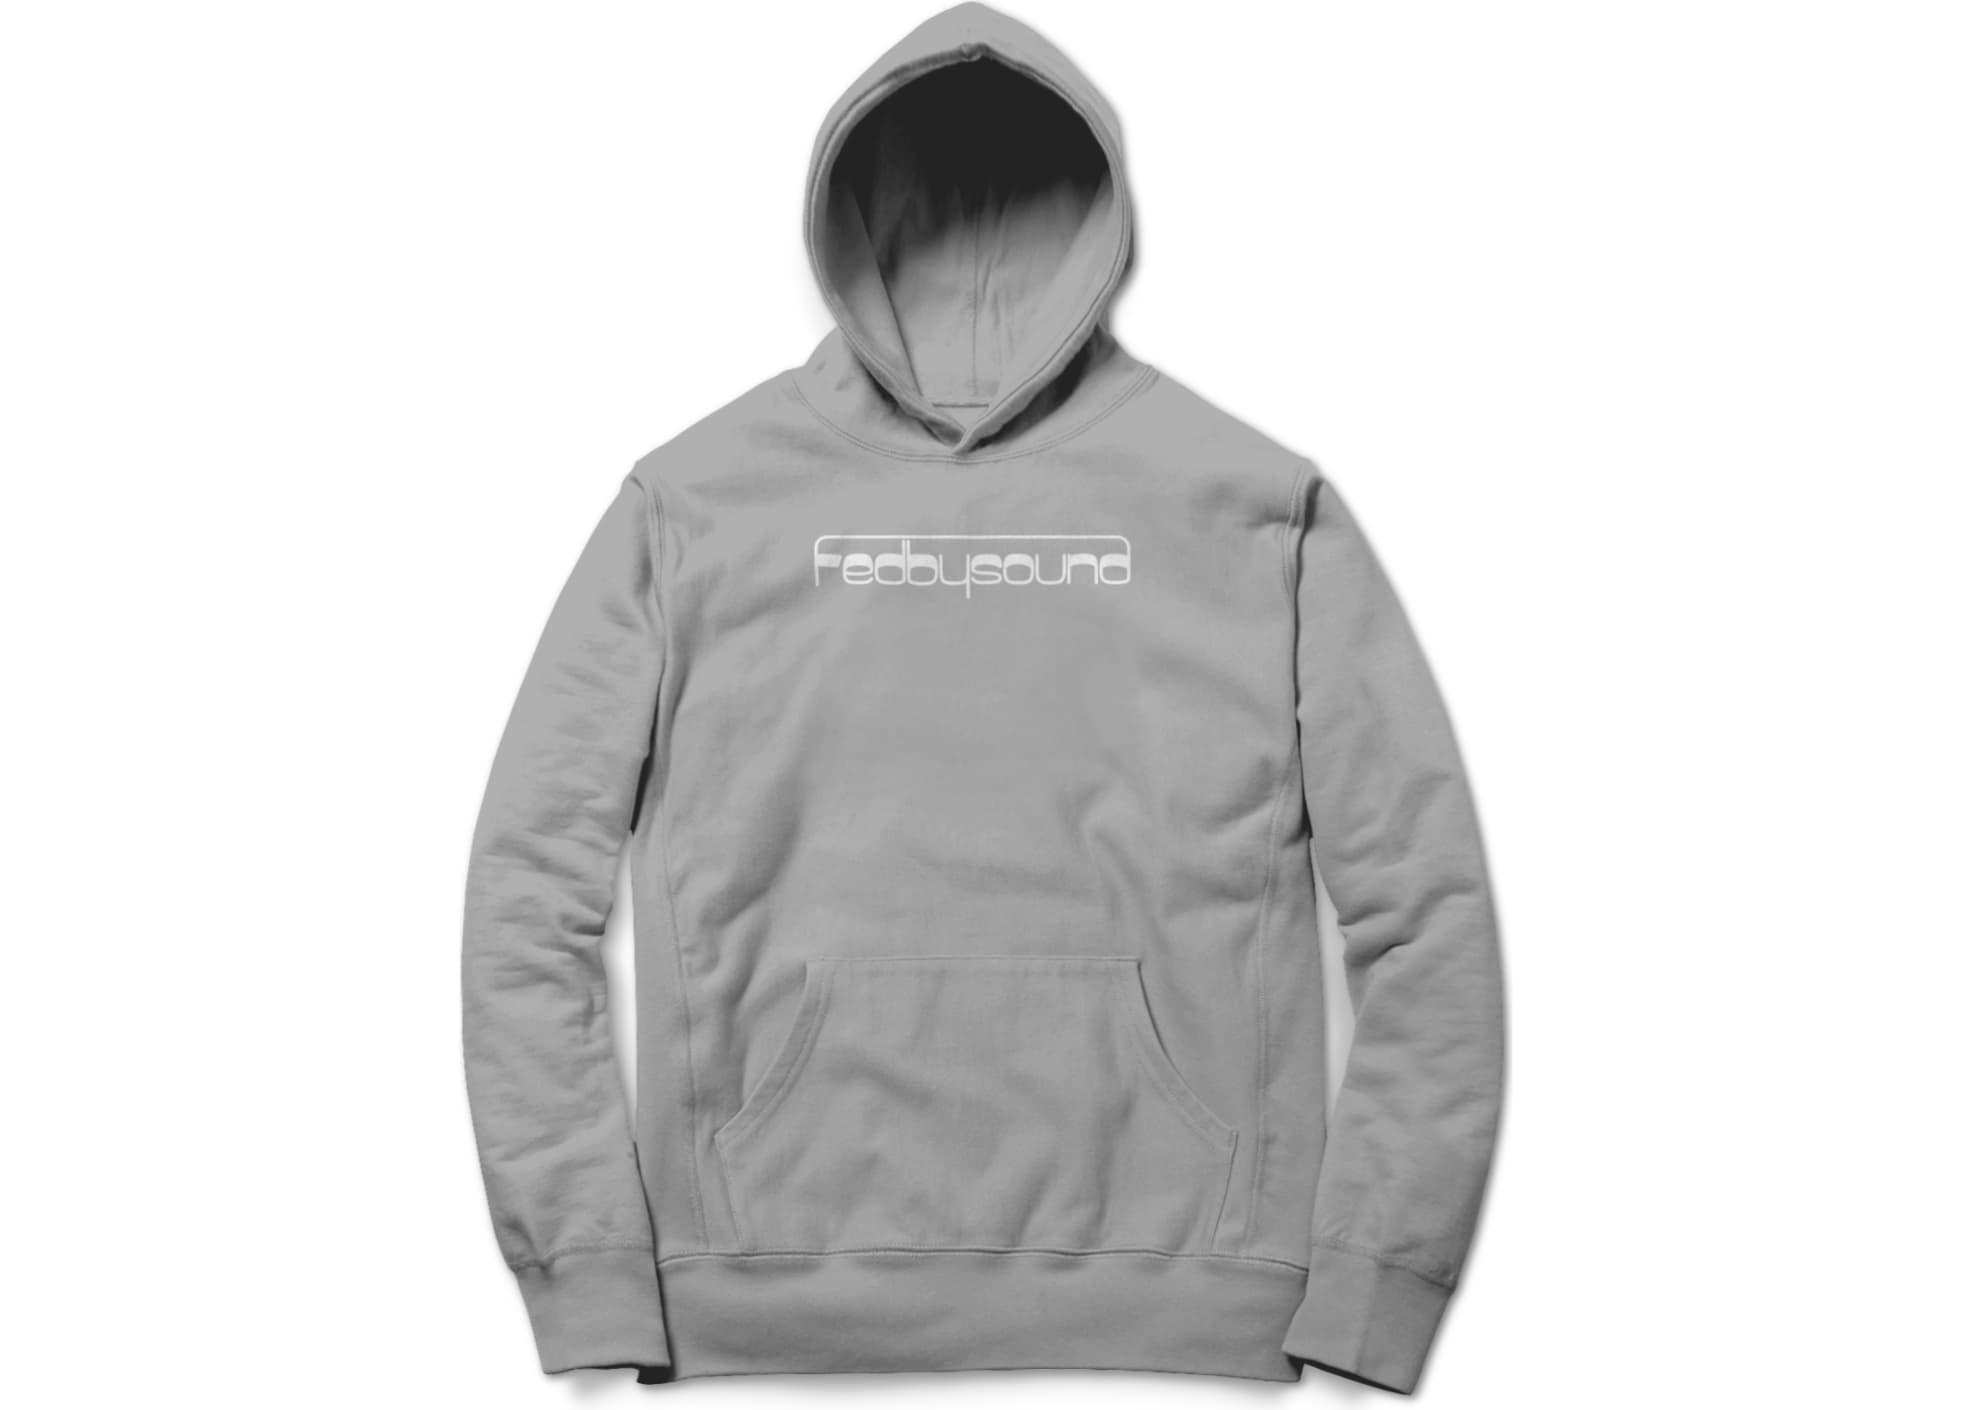 Fedbysound logo  white on gray  1599421908